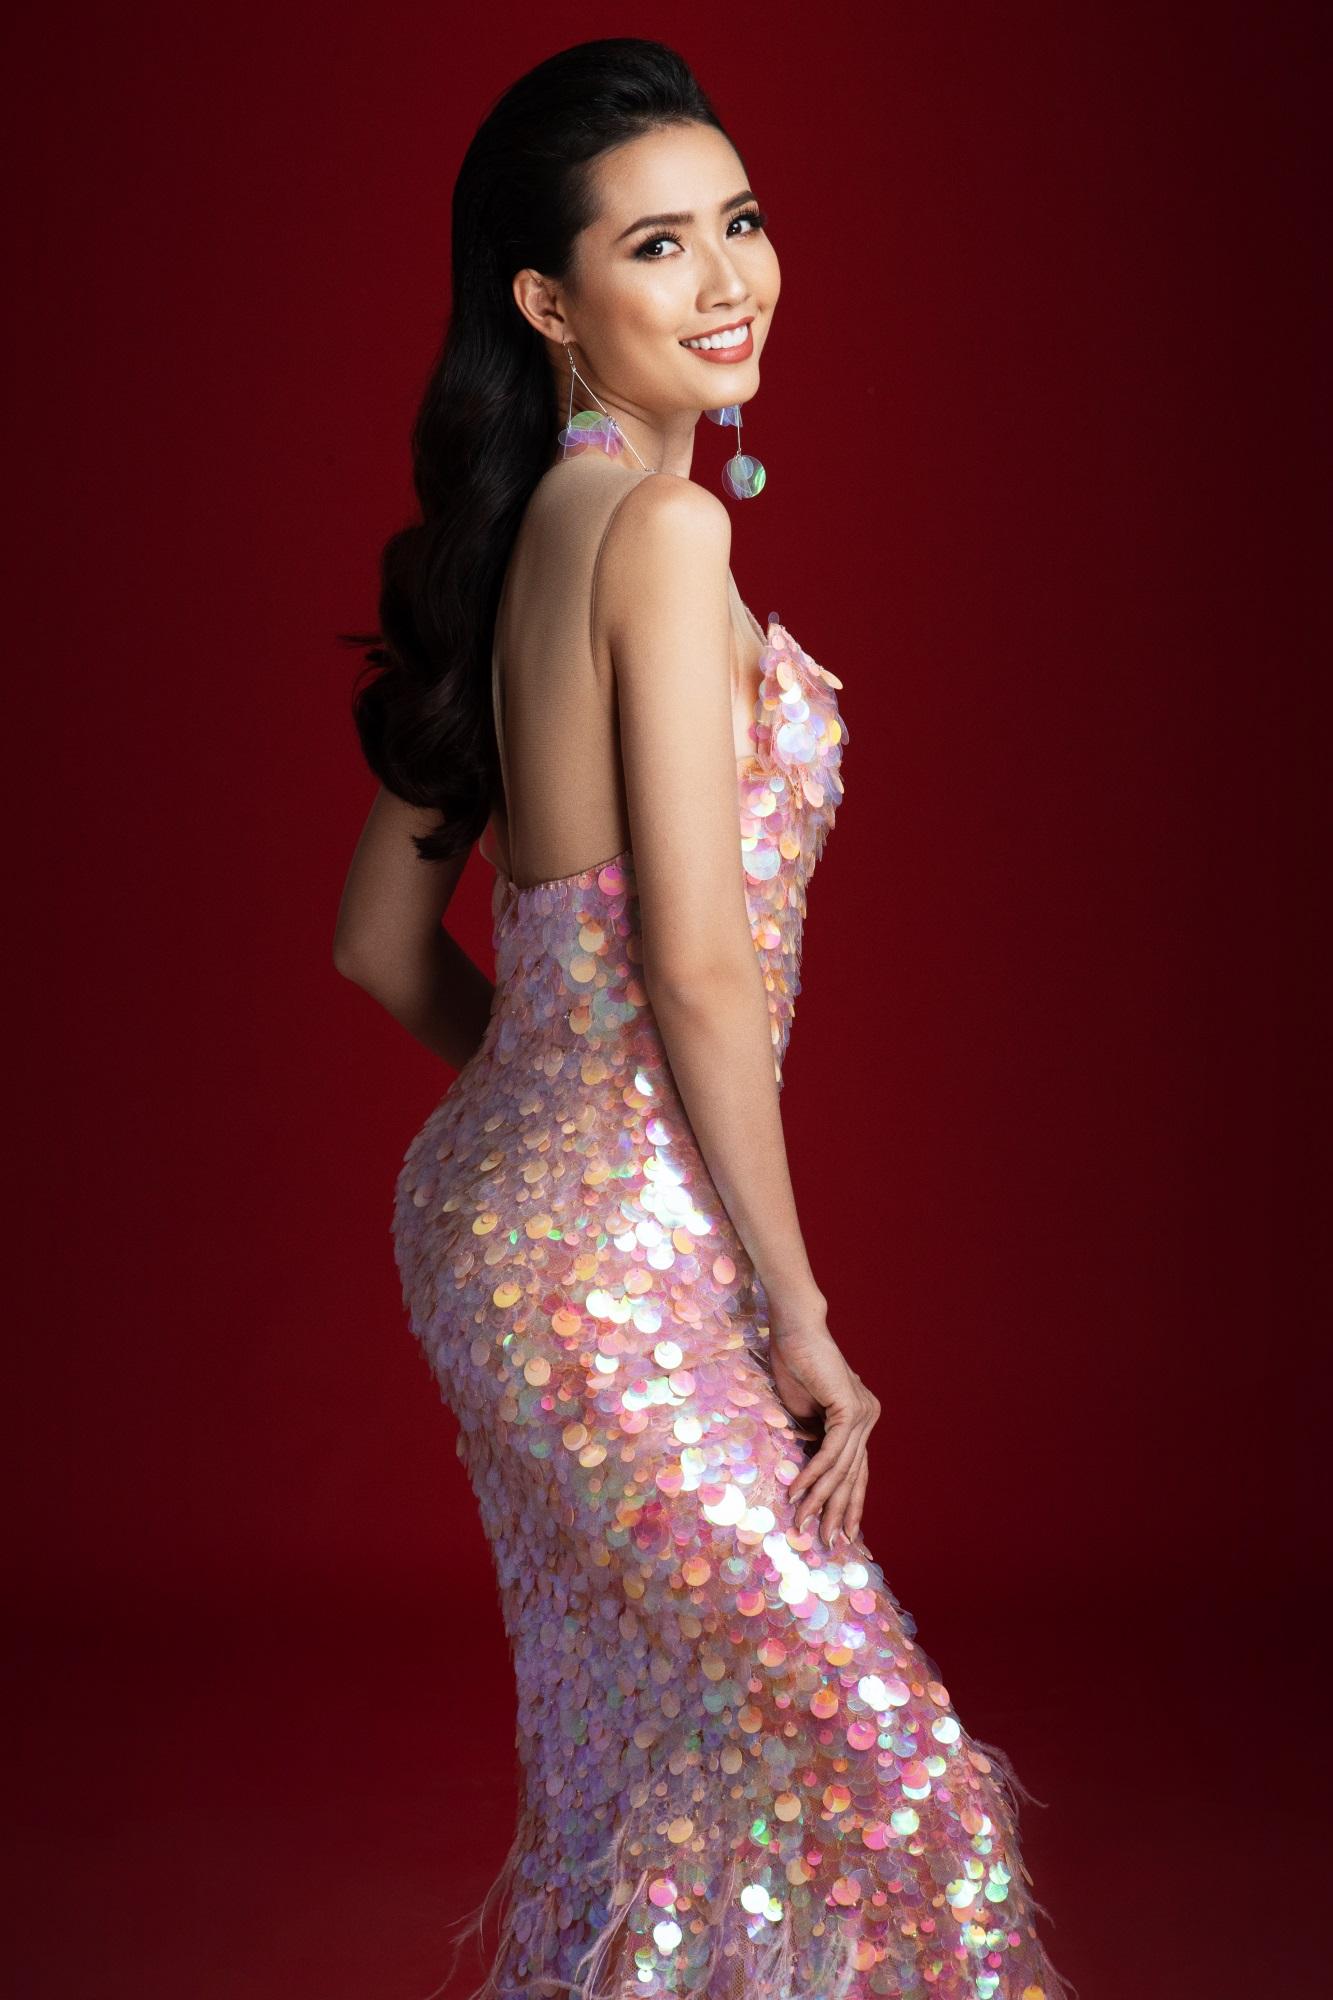 Phan Thị Mơ dẫn đầu bình chọn Nữ diễn viên truyền hình xuất sắc nhất Mai Vàng 2018 - Ảnh 9